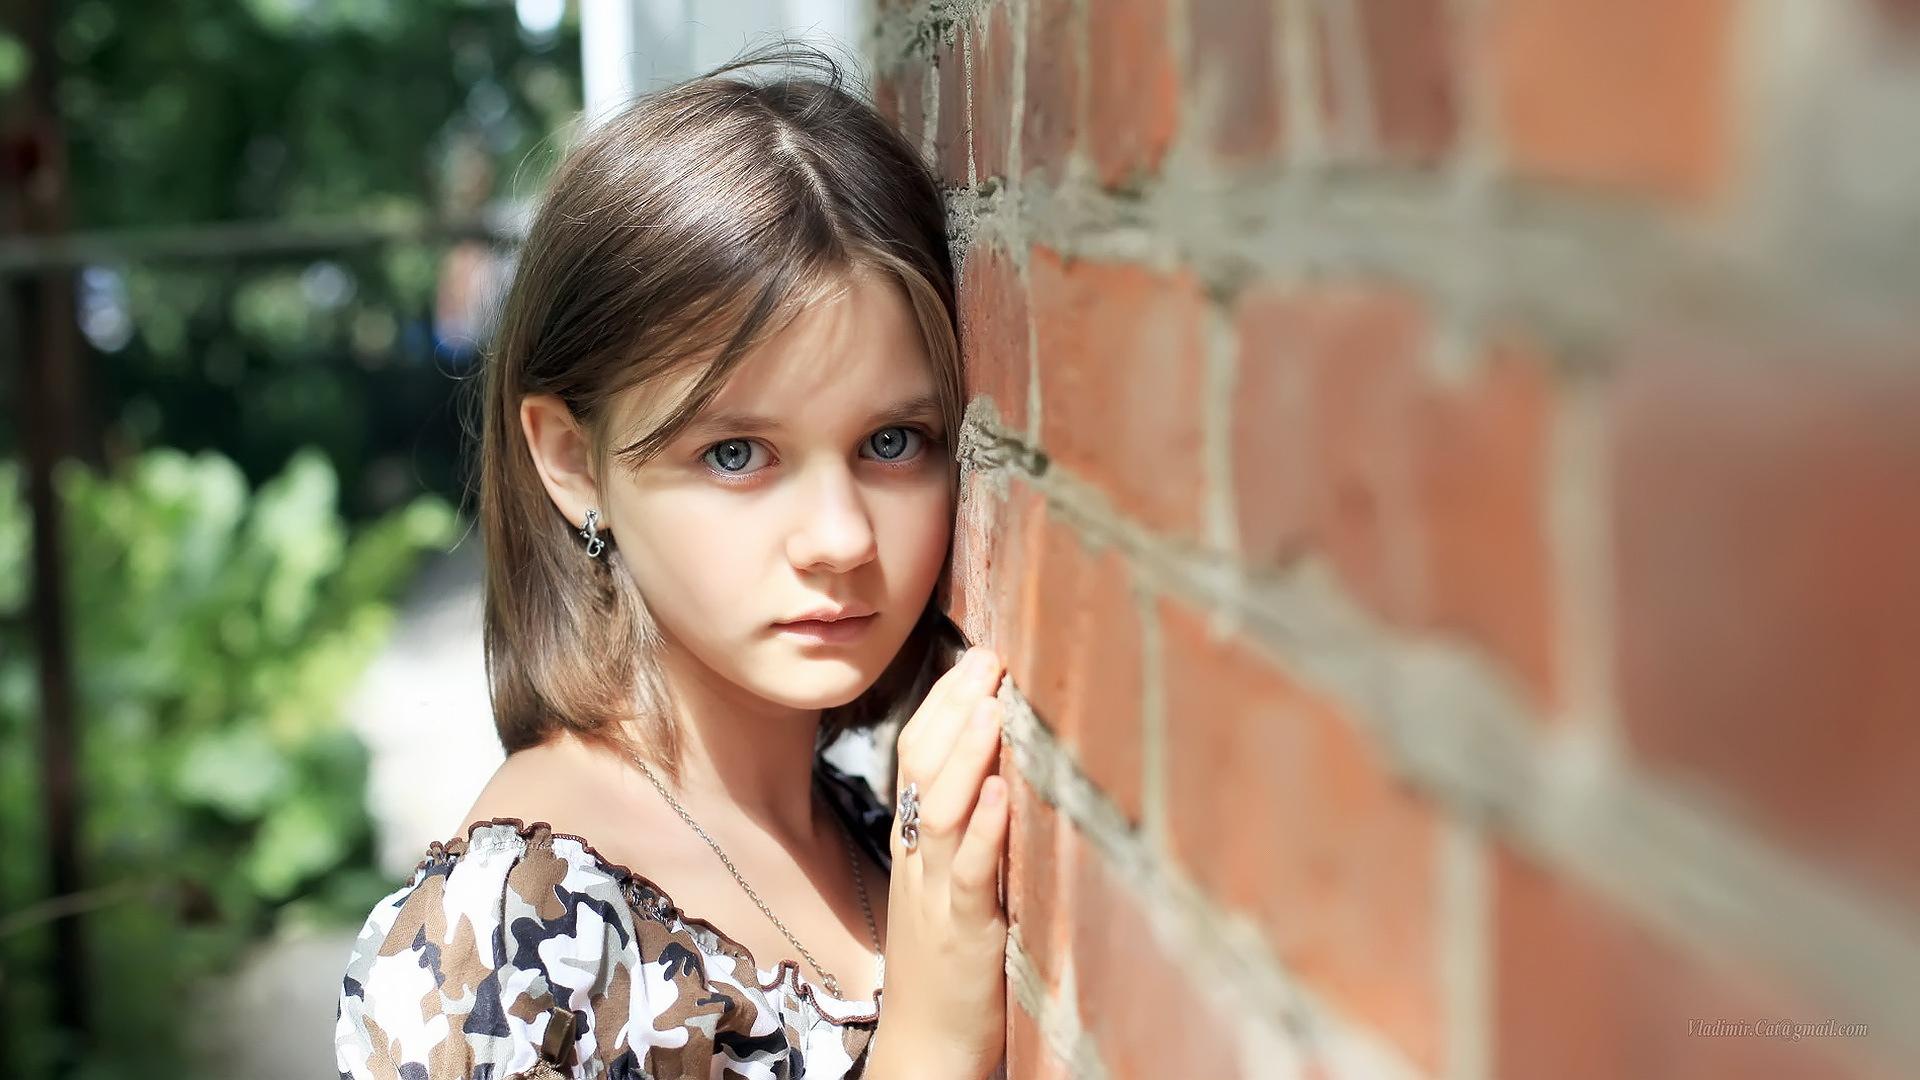 девушка милая стена бесплатно